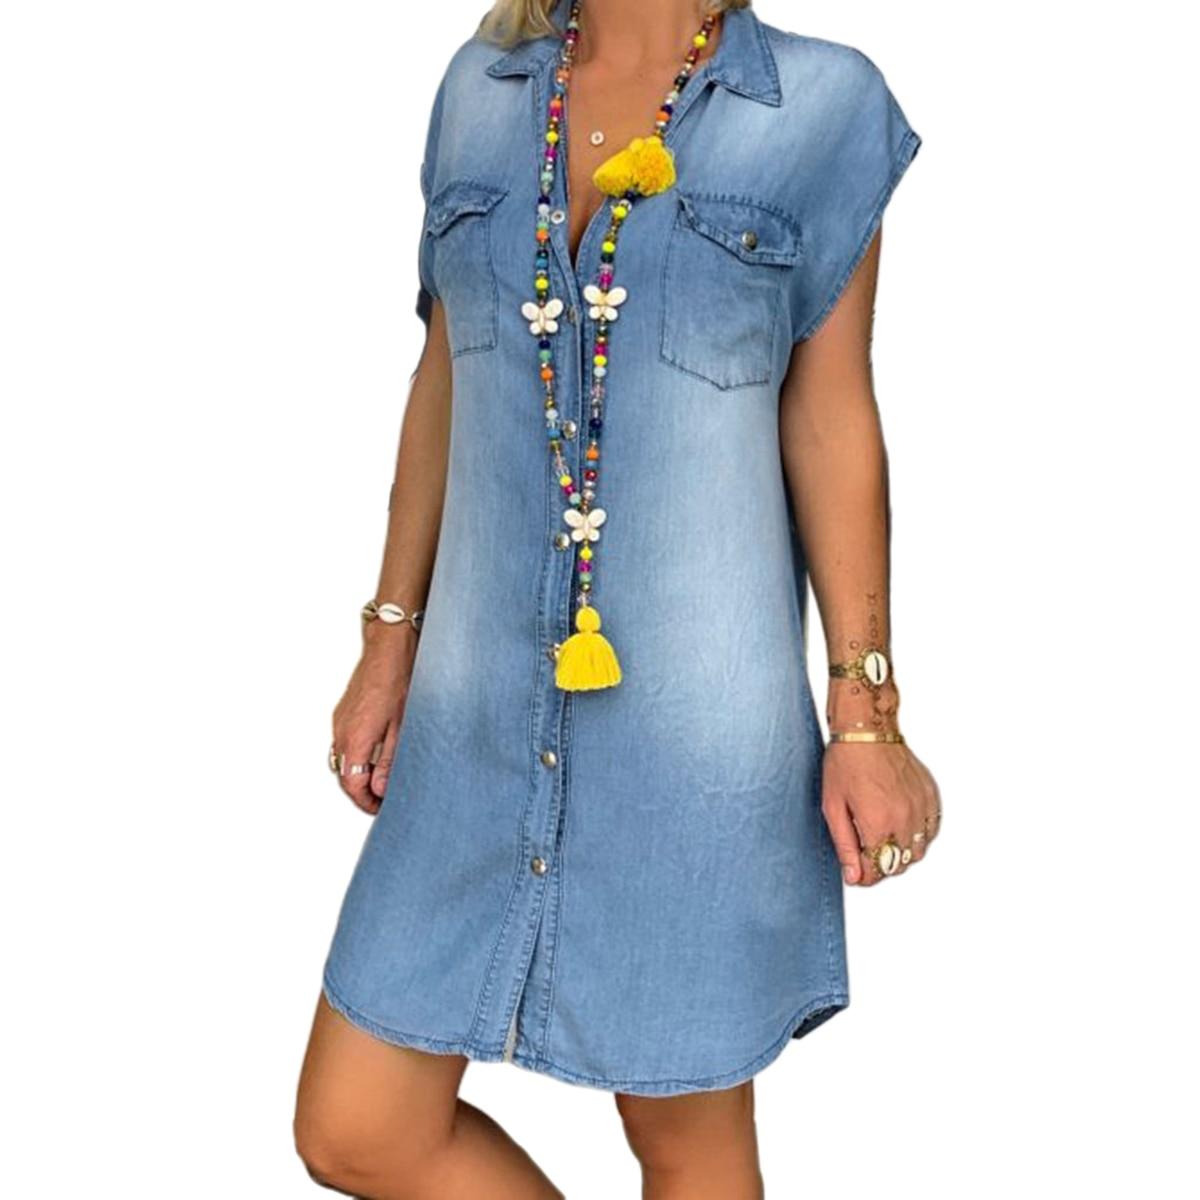 فستان صيفي قصير غير رسمي فضفاض مع زر رقبة على شكل حرف V بدون أكمام للسيدات مواكب للموضة مقاس M L XL XXL XXXL